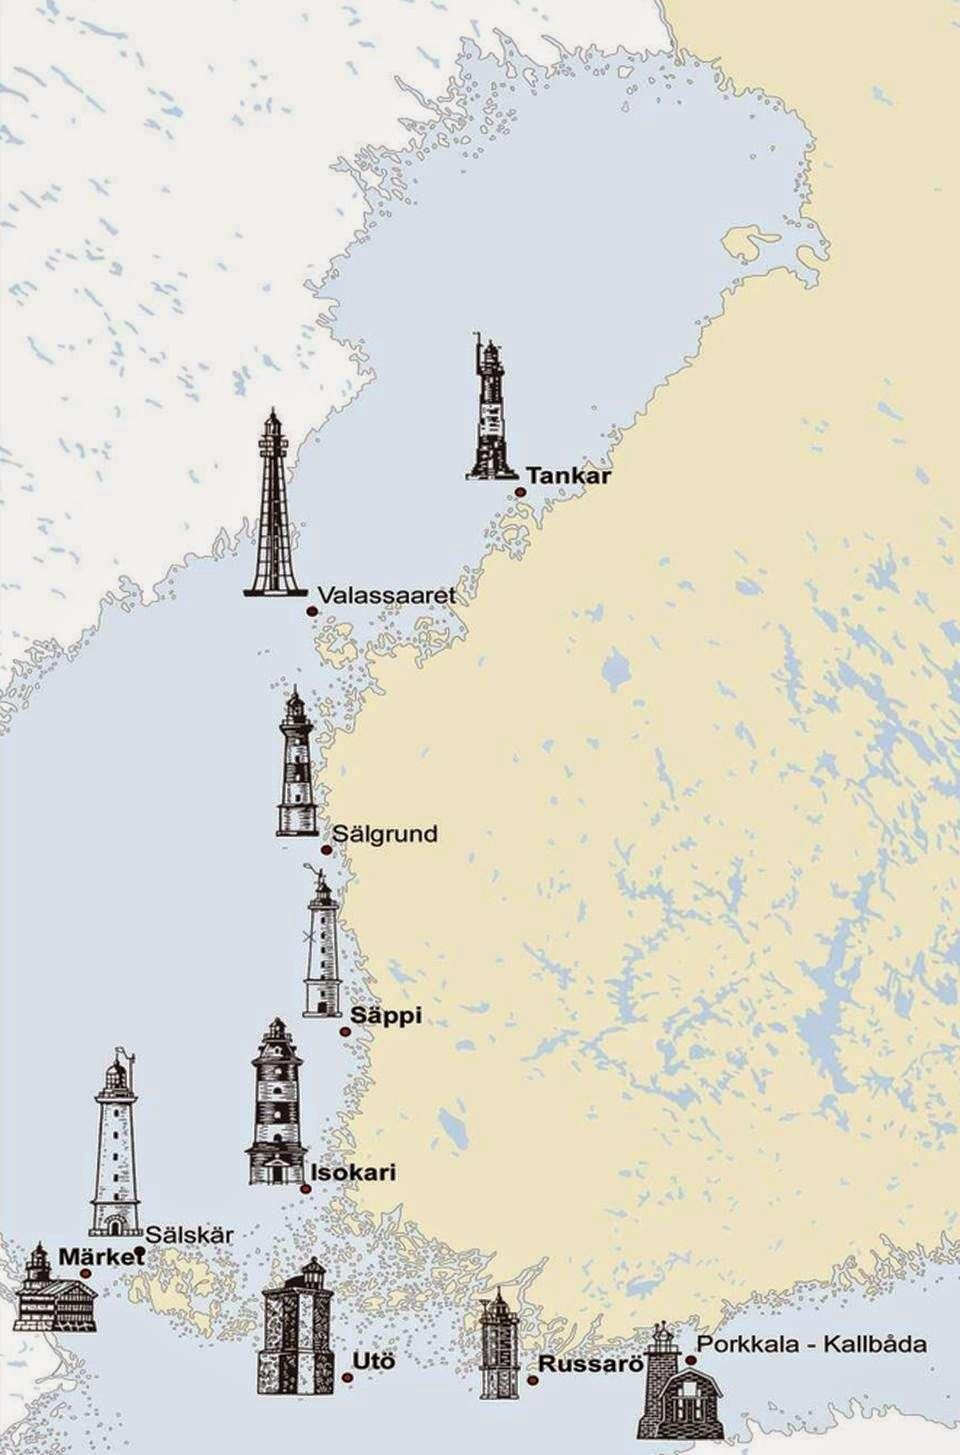 Suomen majakoita. Kuva: Liikennevirasto